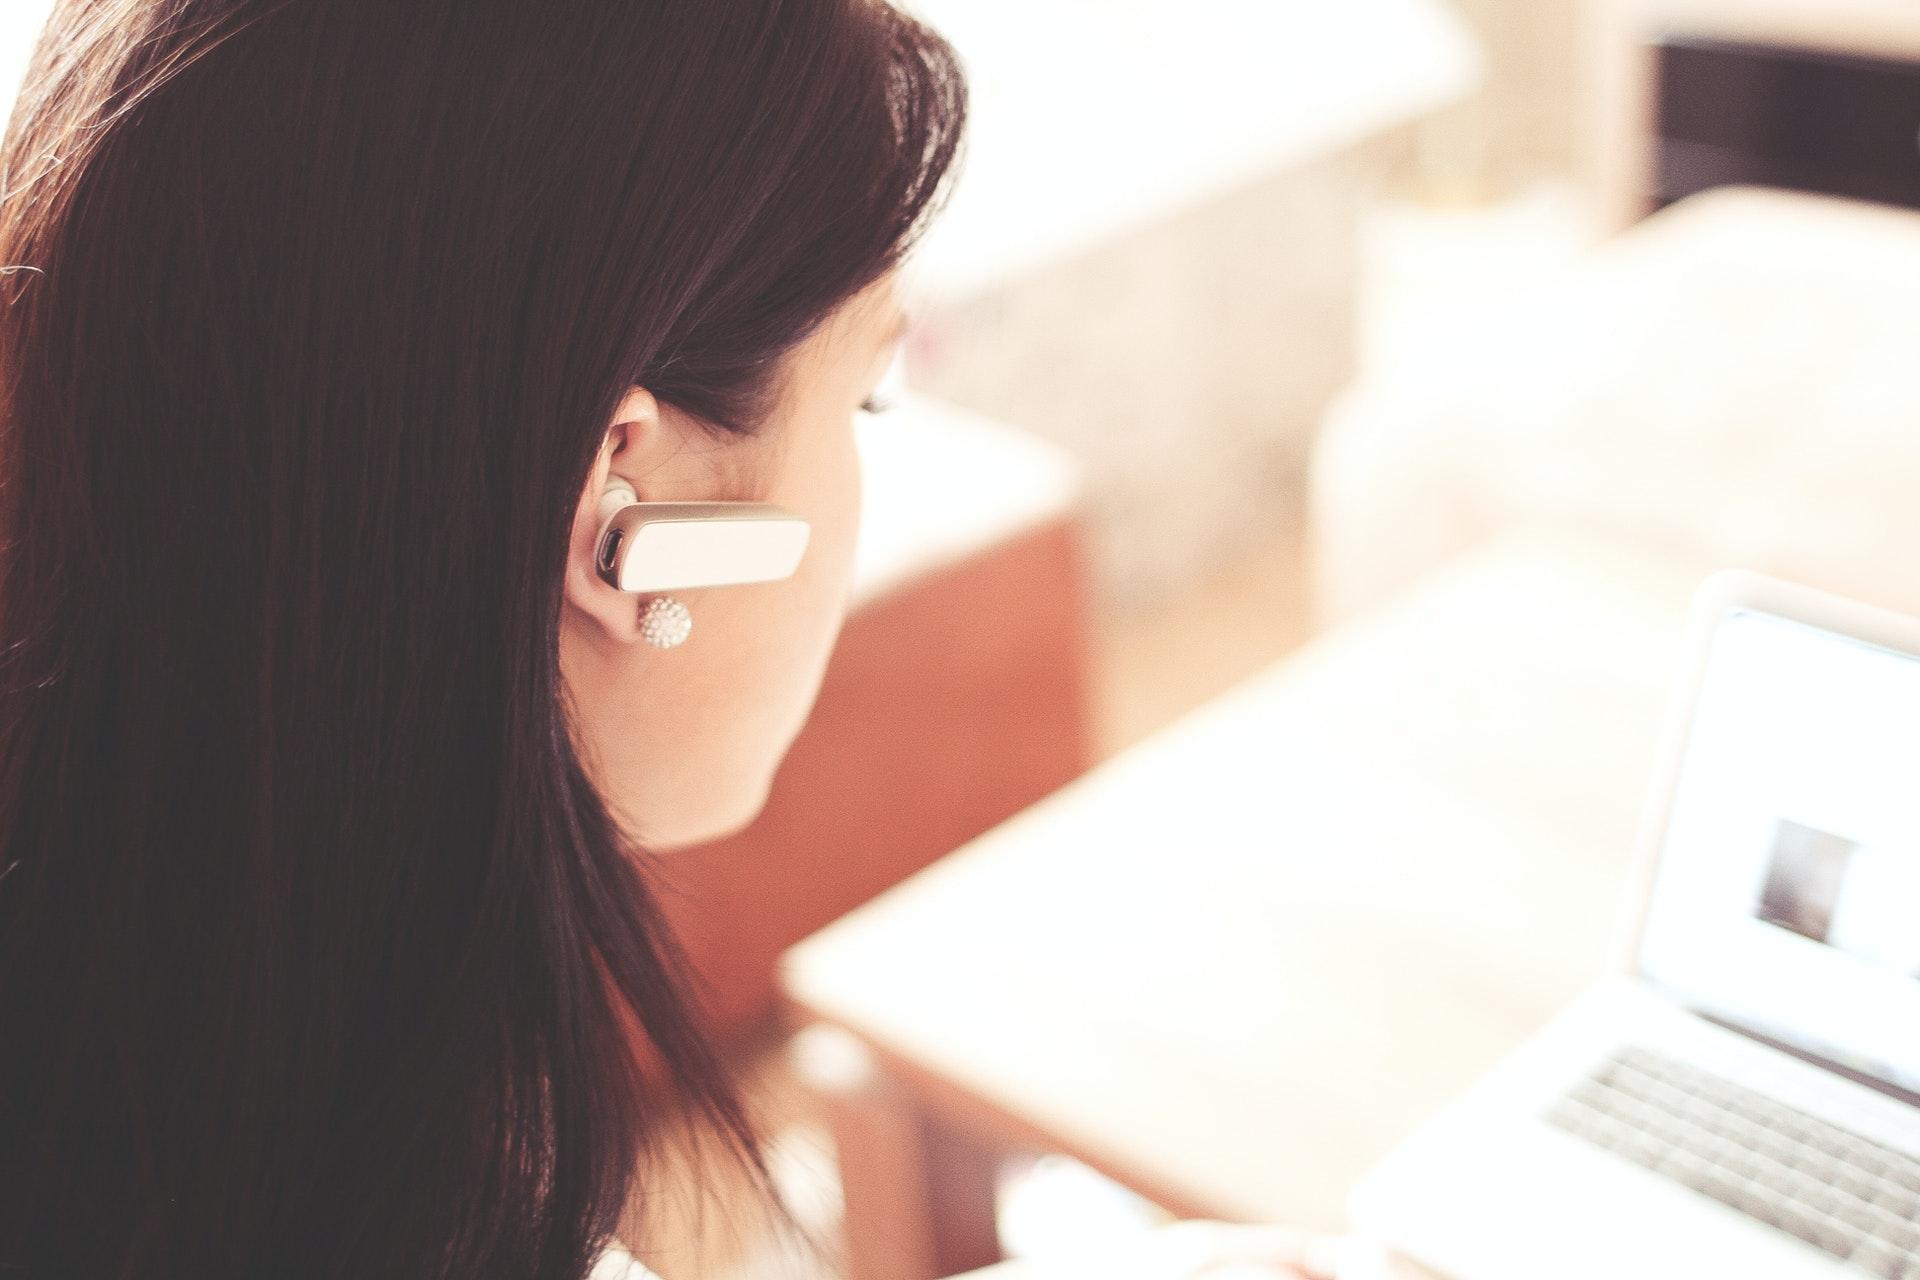 Customer support, woman wears earpiece